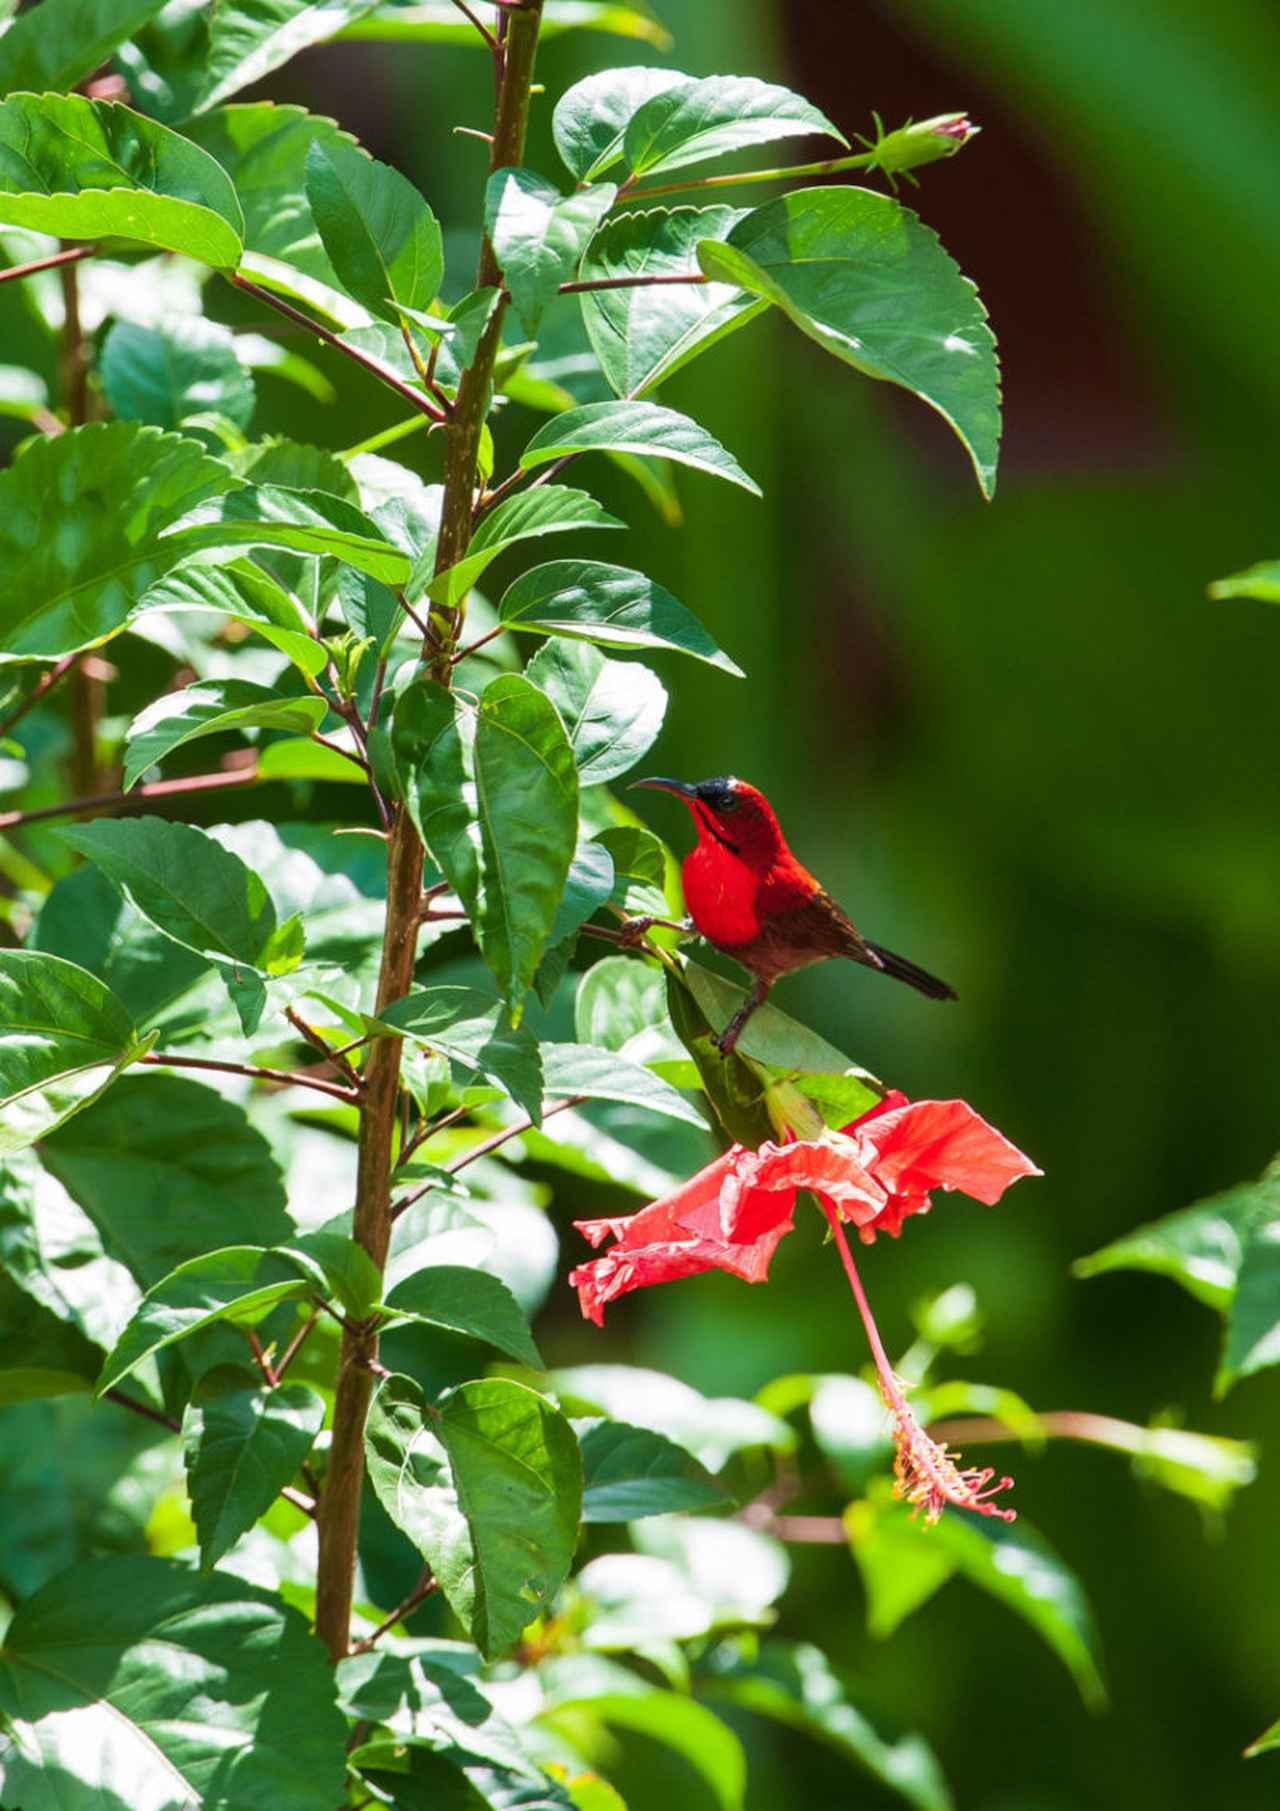 画像: 阿部雄介写真展 生命の楽園ボルネオ~メガダイバーシティの森~   大阪の植物園-咲くやこの花館-